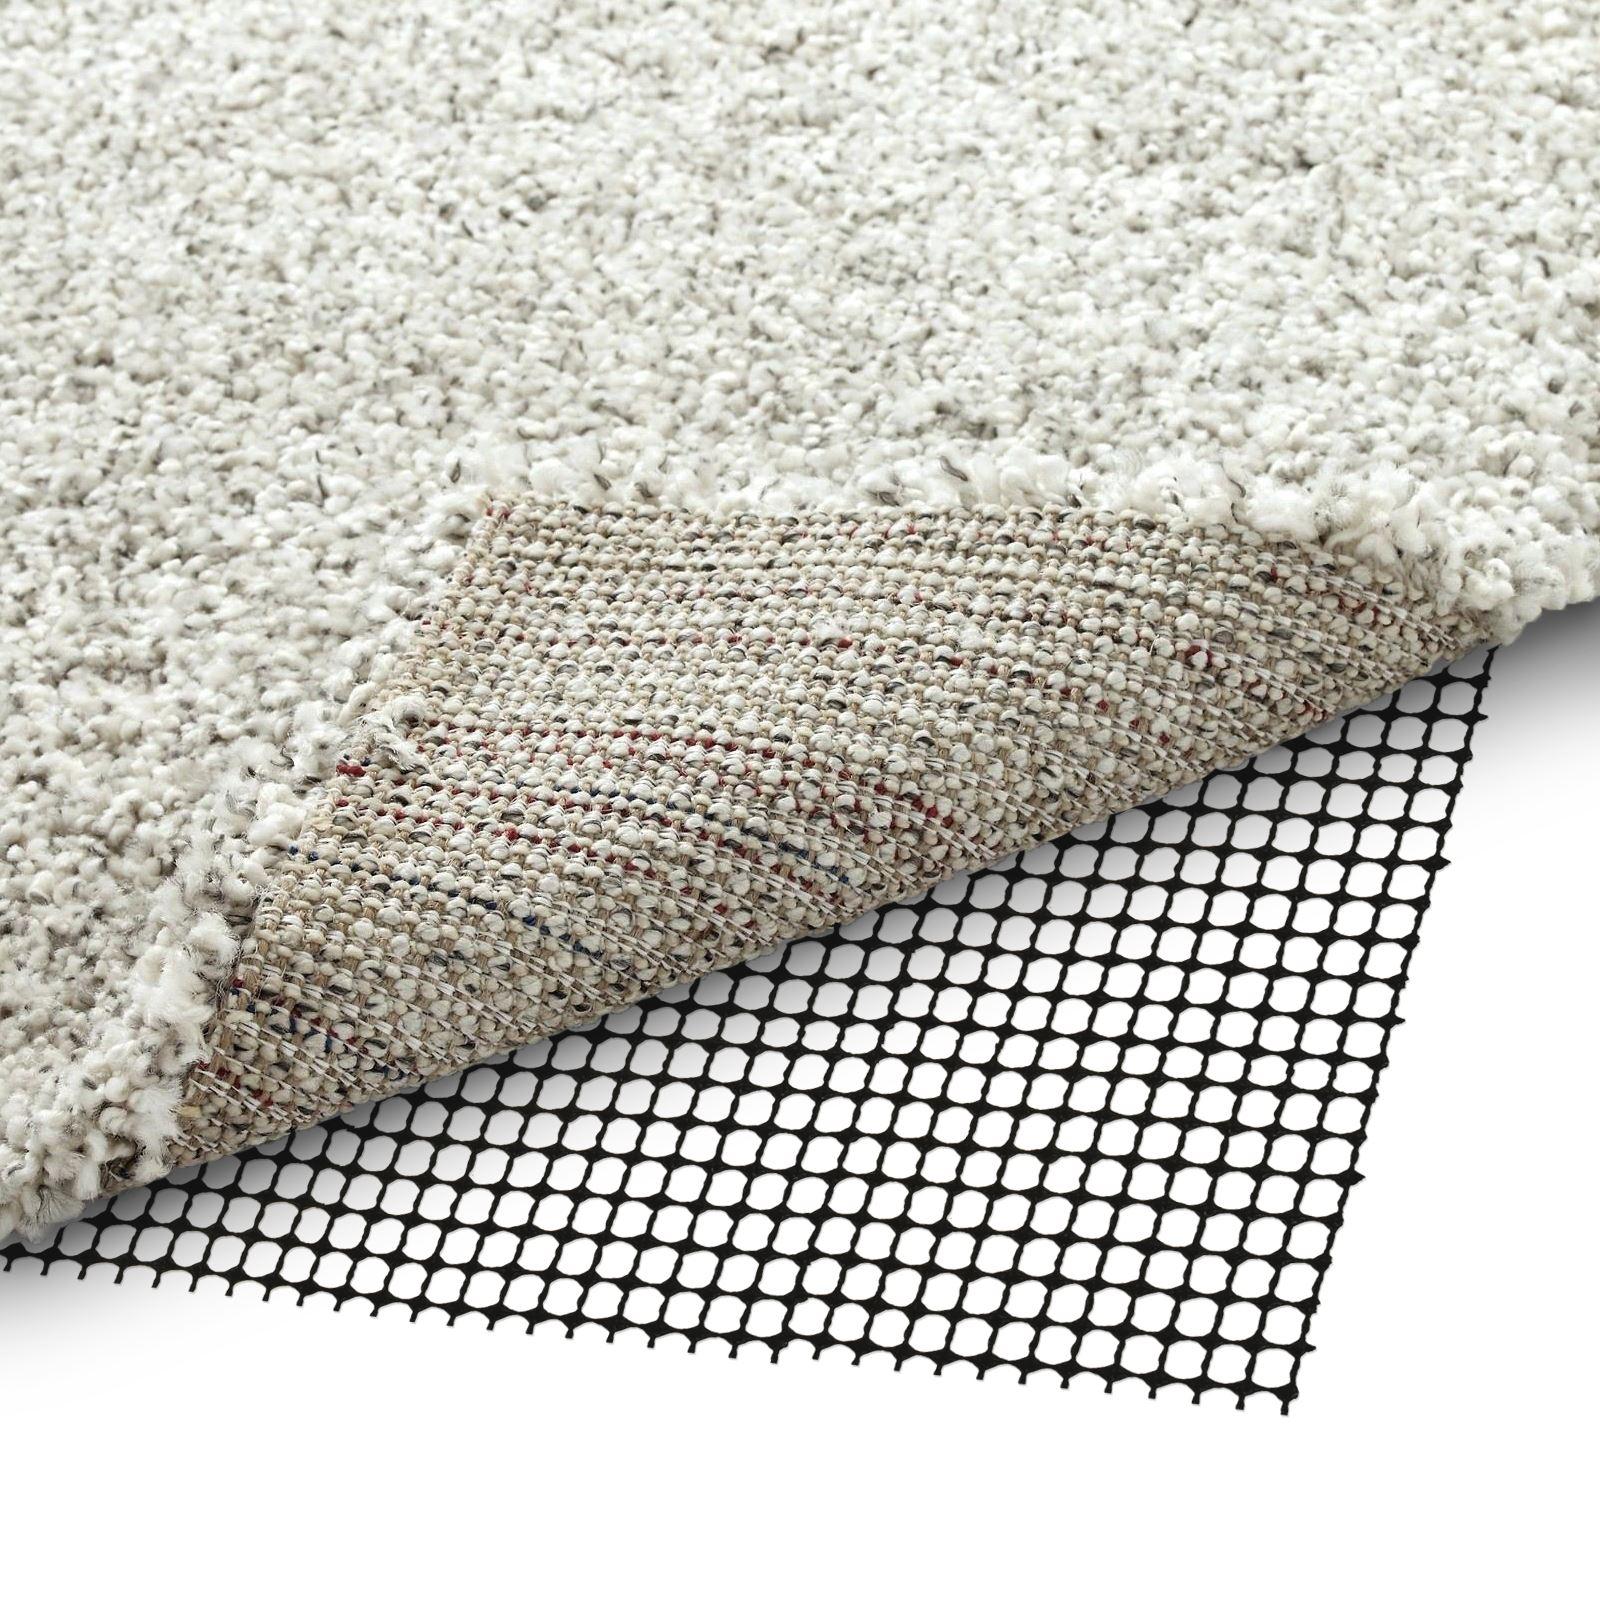 Anti-Antiscivolo-Tappetino-100-x-150cm-Carpet-Tappeto-Pavimento-Pinza-Grip-Auto-disegnare-Liner miniatura 4